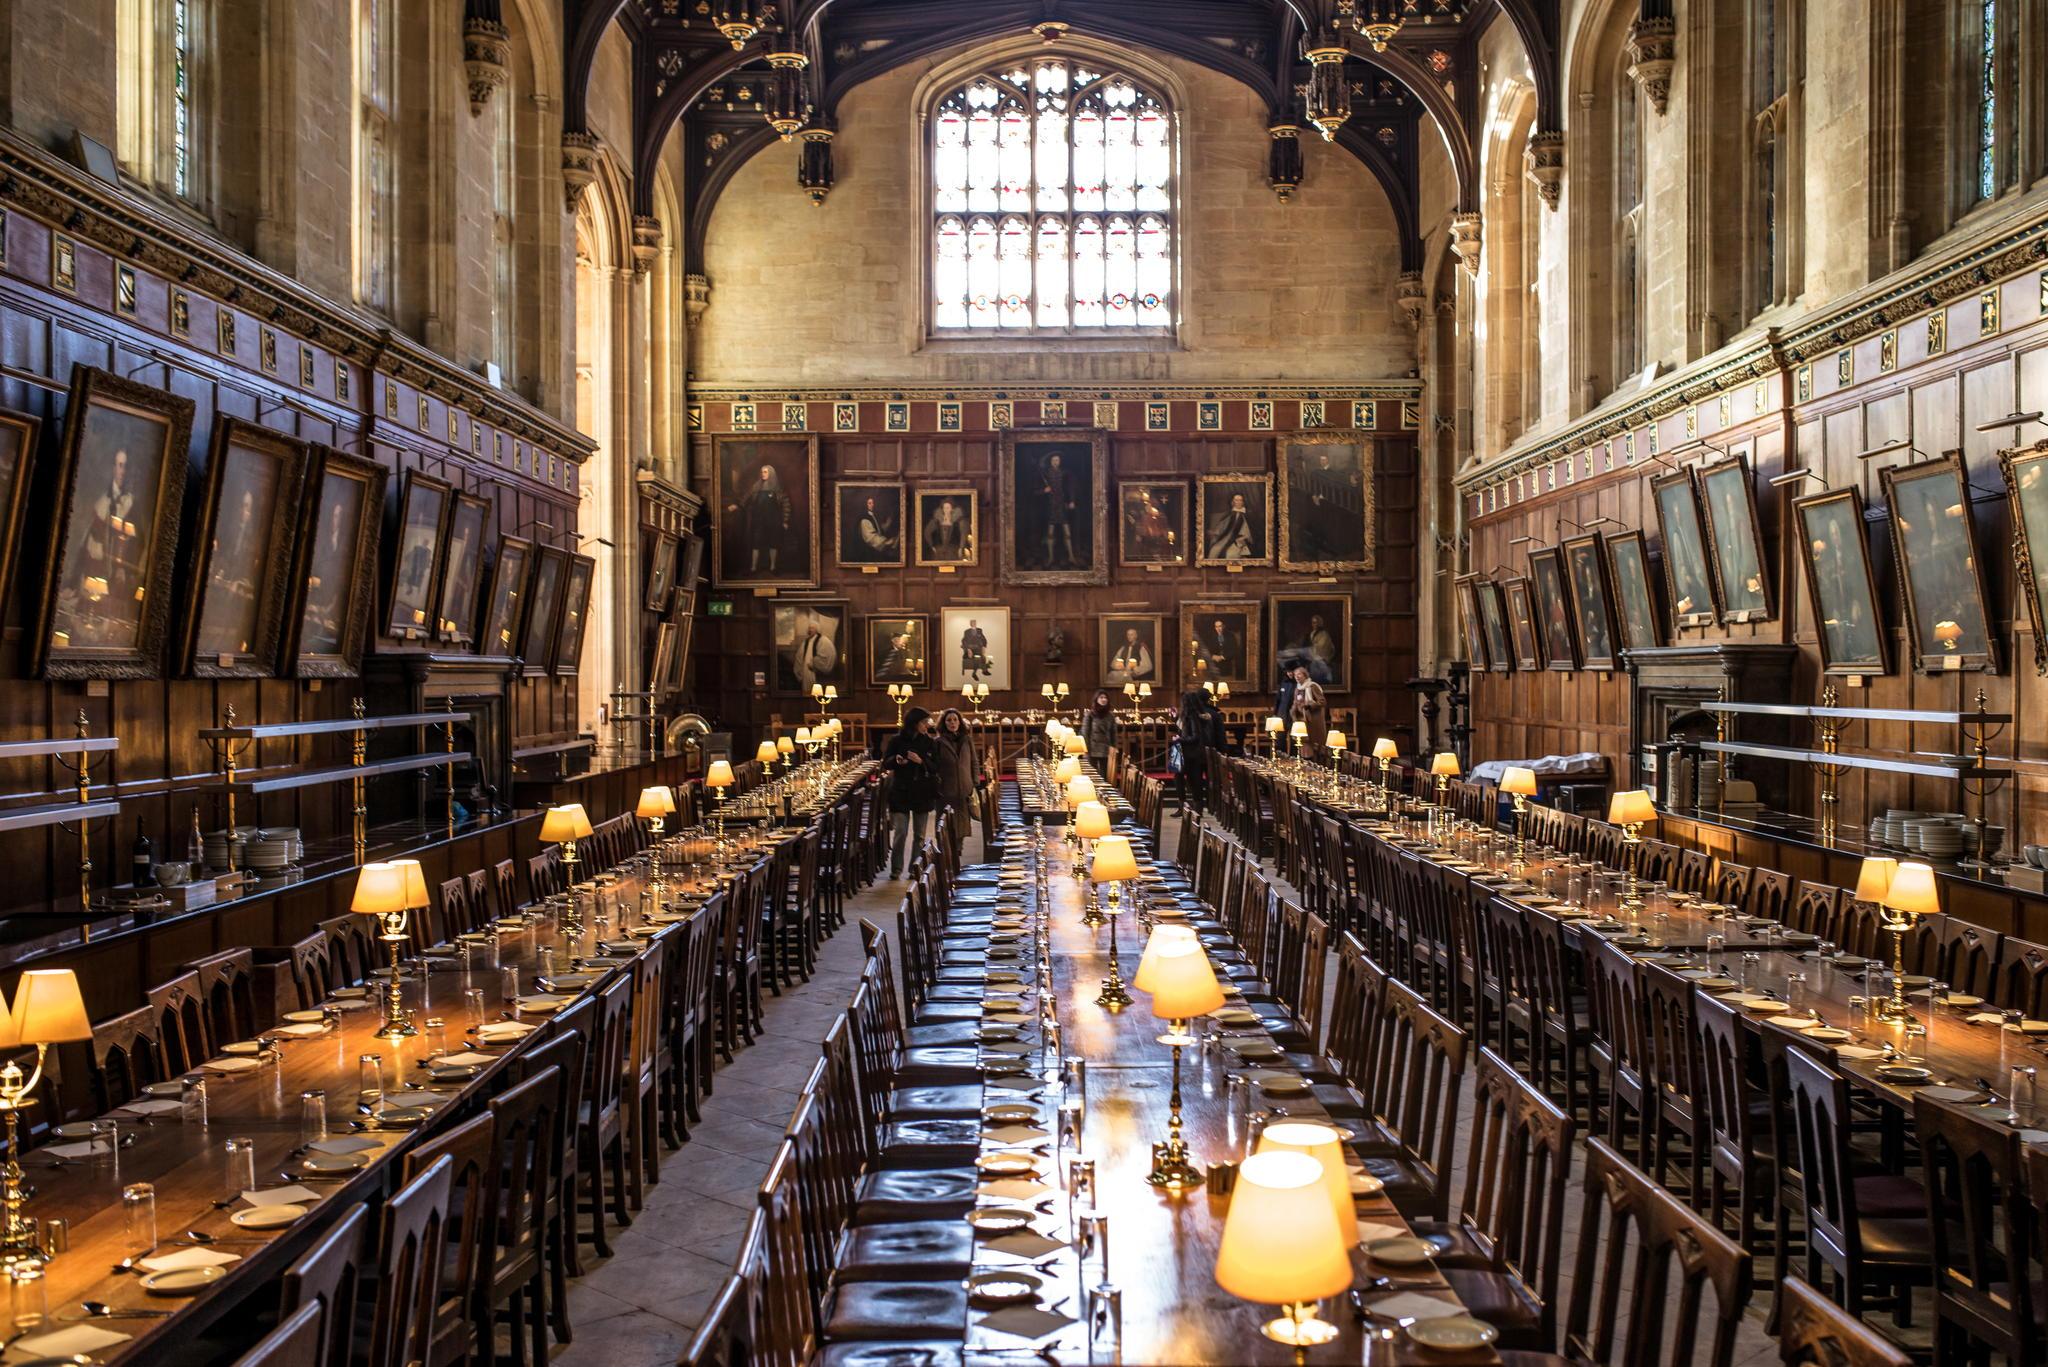 Большой Зал в одном из колледжей Оксфордского университета